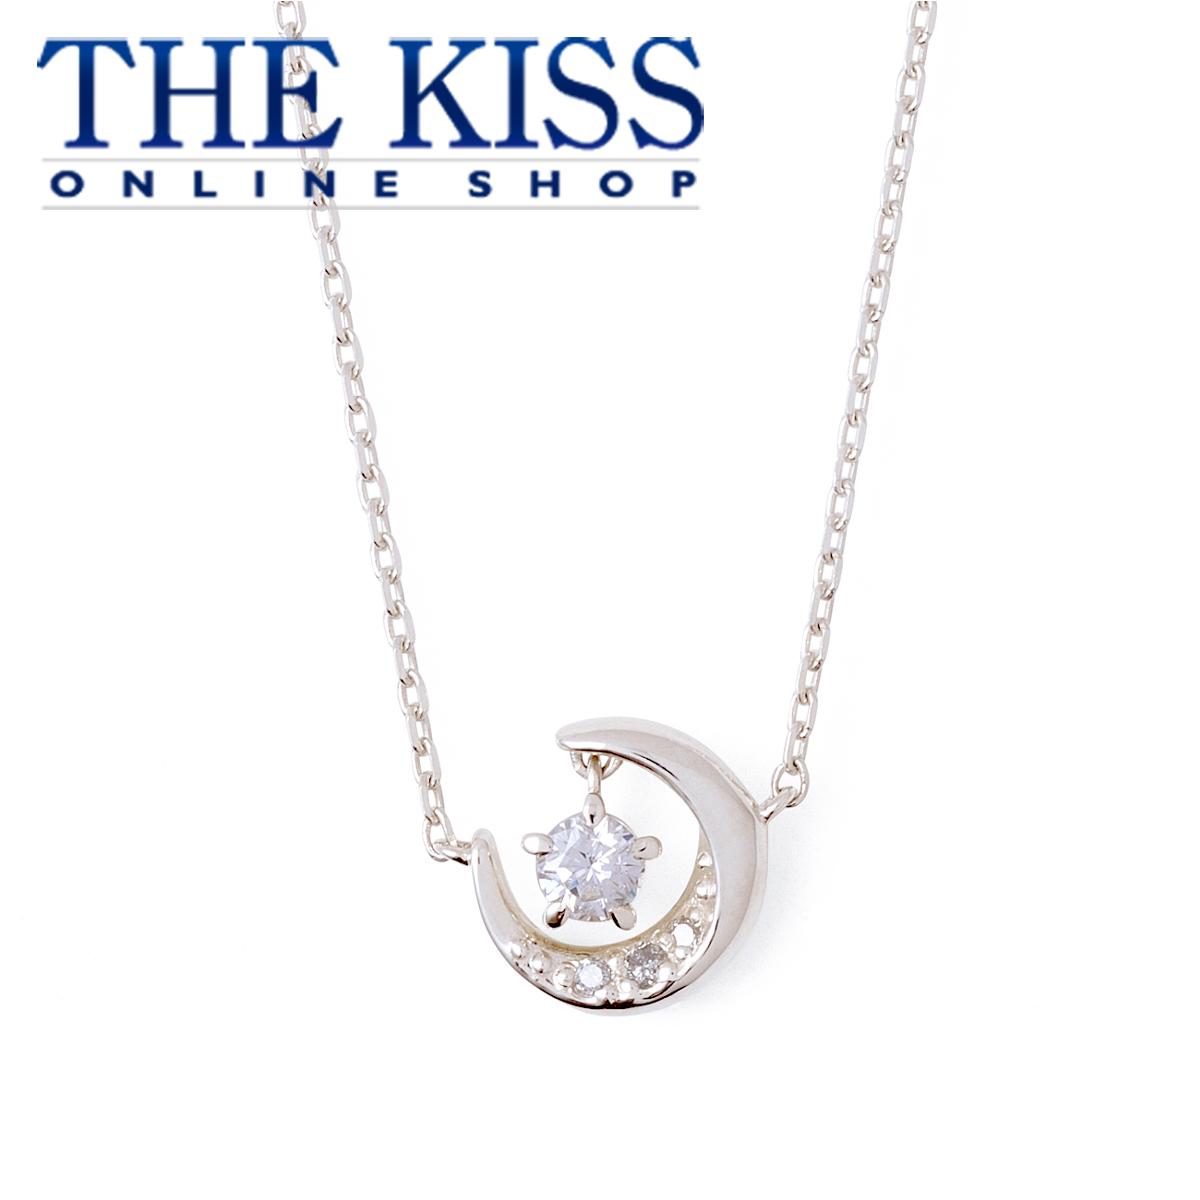 【あす楽対応】THE KISS 公式サイト シルバー ネックレス レディースジュエリー・アクセサリー ジュエリーブランド THEKISS ネックレス・ペンダント 記念日 プレゼント 2016-04N-DM ザキス 【送料無料】